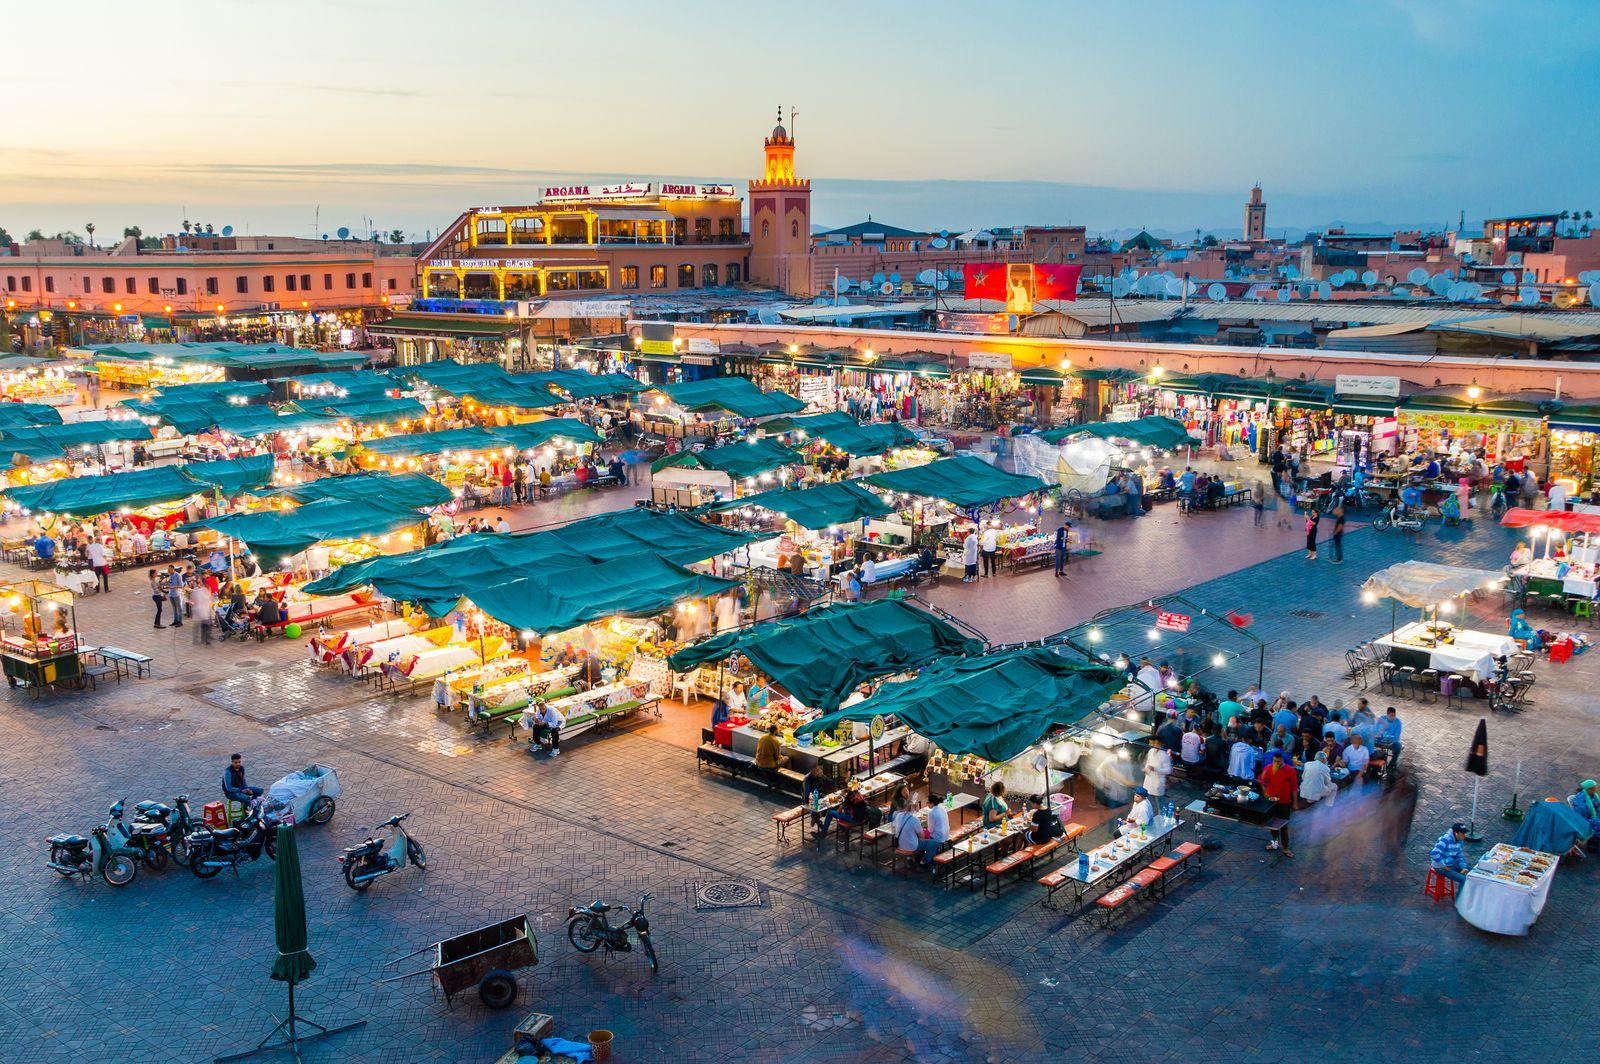 Qué ver en Marrakech en un fin de semana